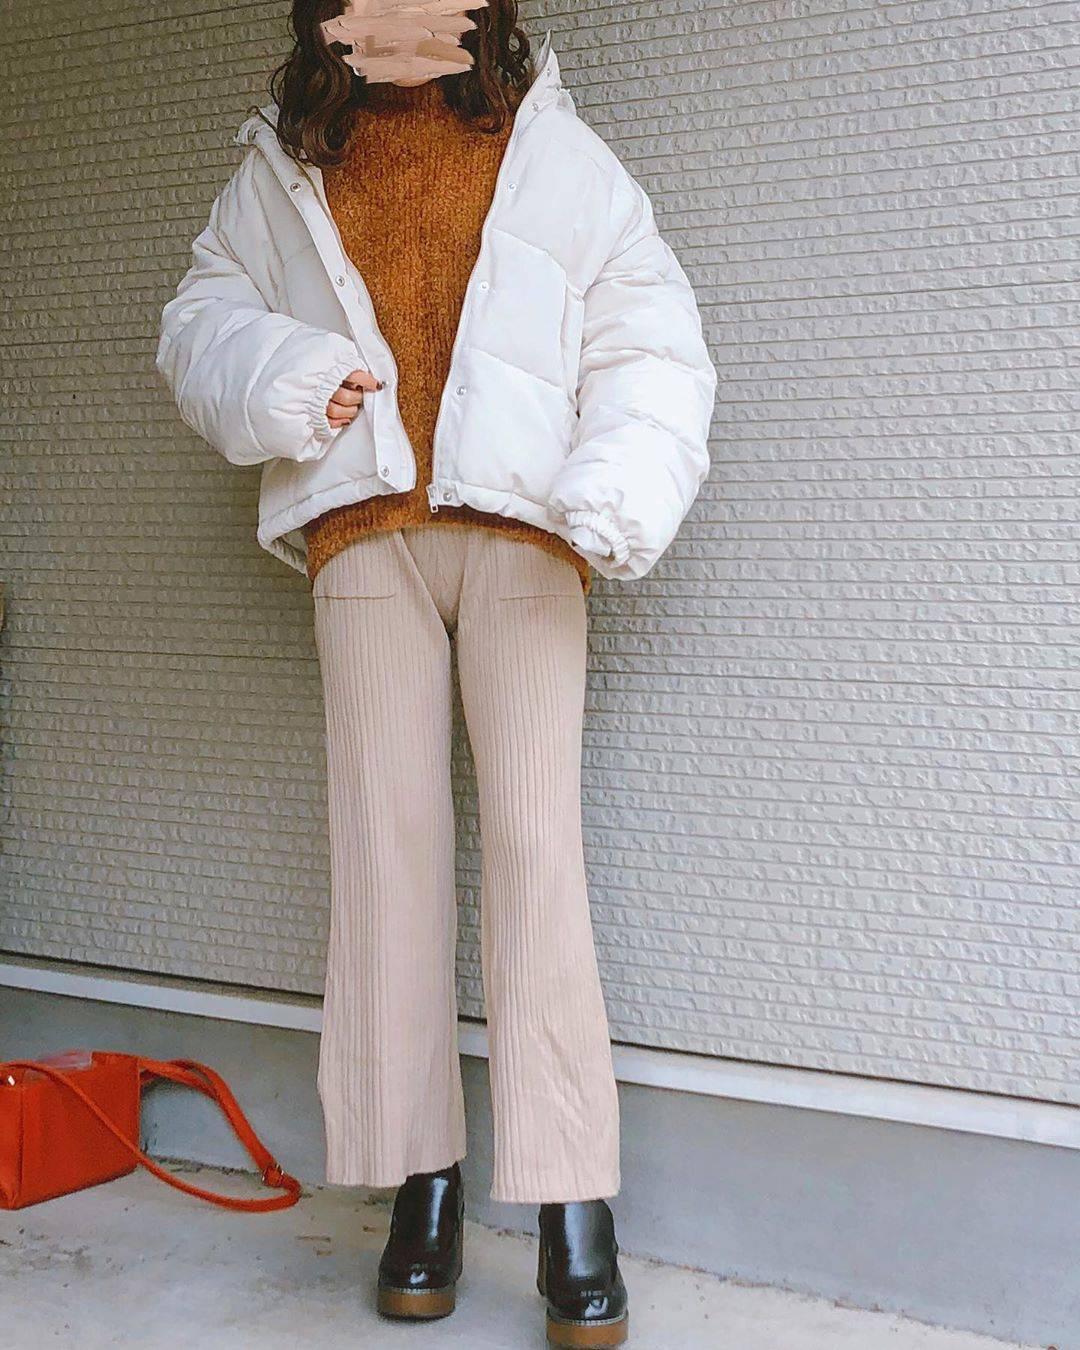 最高気温16度・最低気温3度 flower_22227の服装